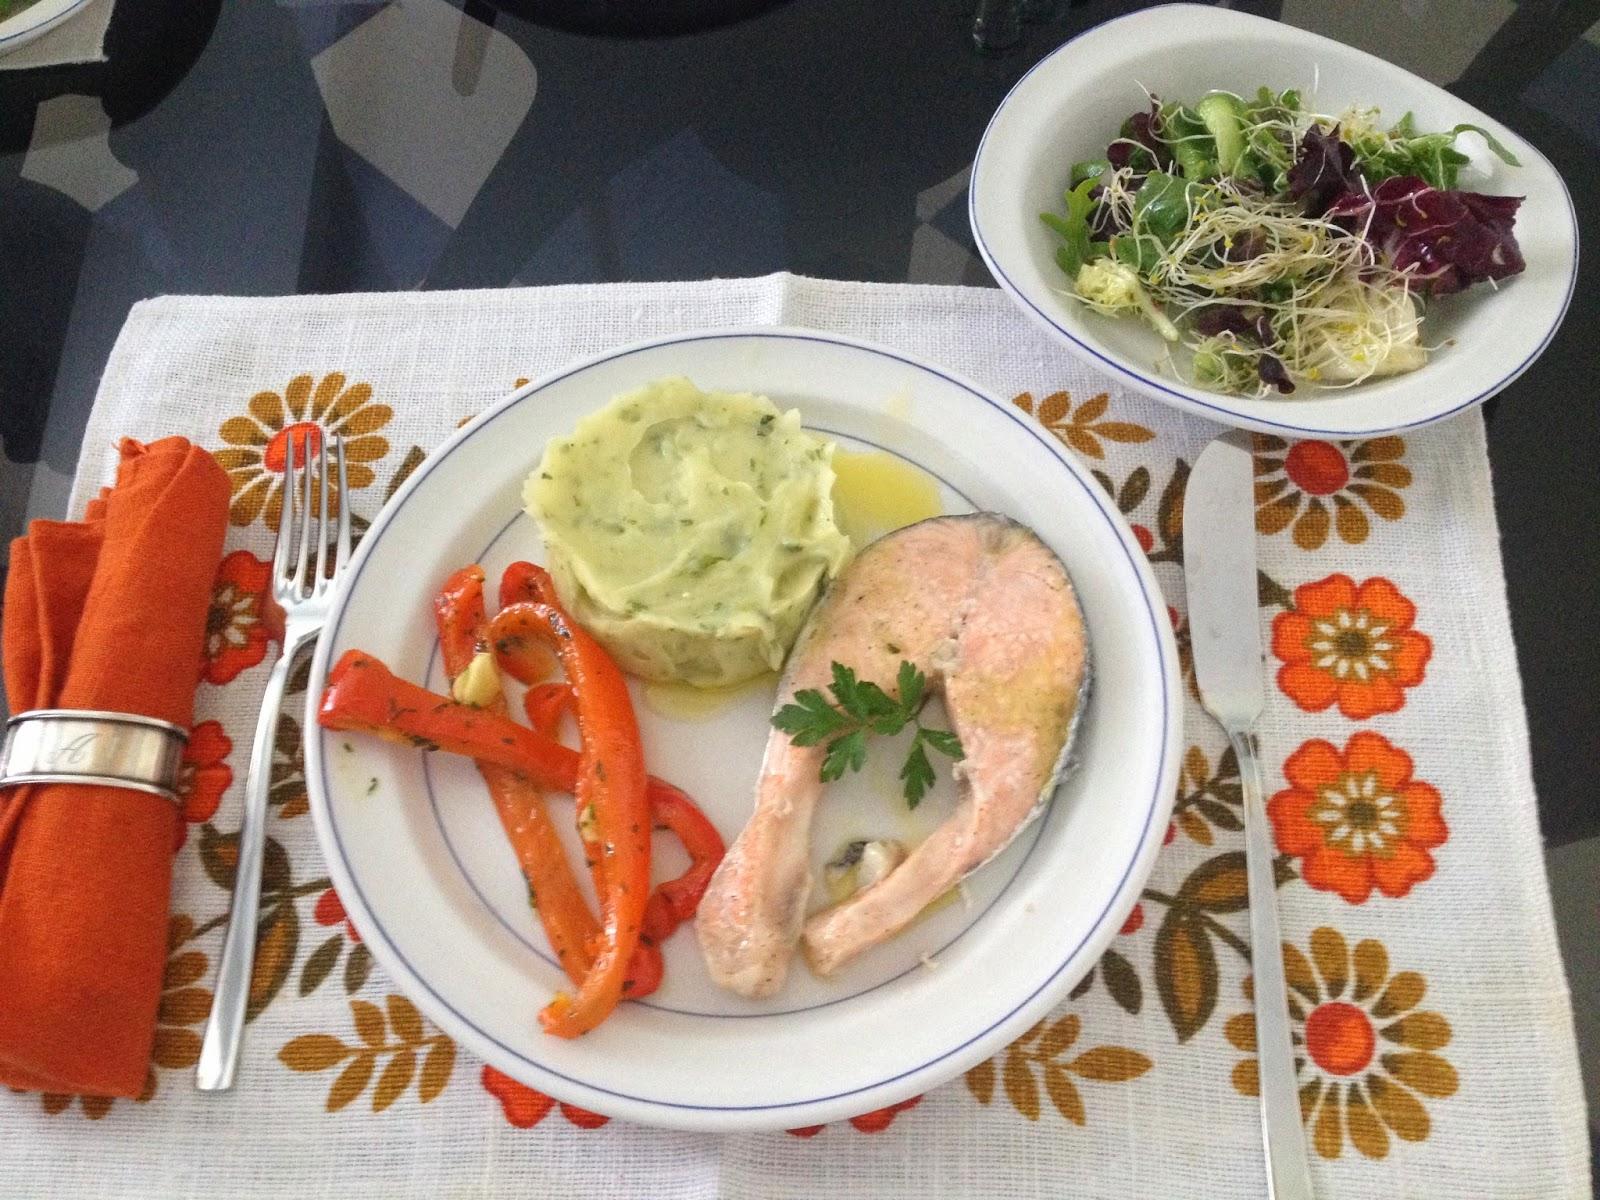 Cocina con alma salm n al vapor con pur de patatas y lechuga - Cocina con alma ...